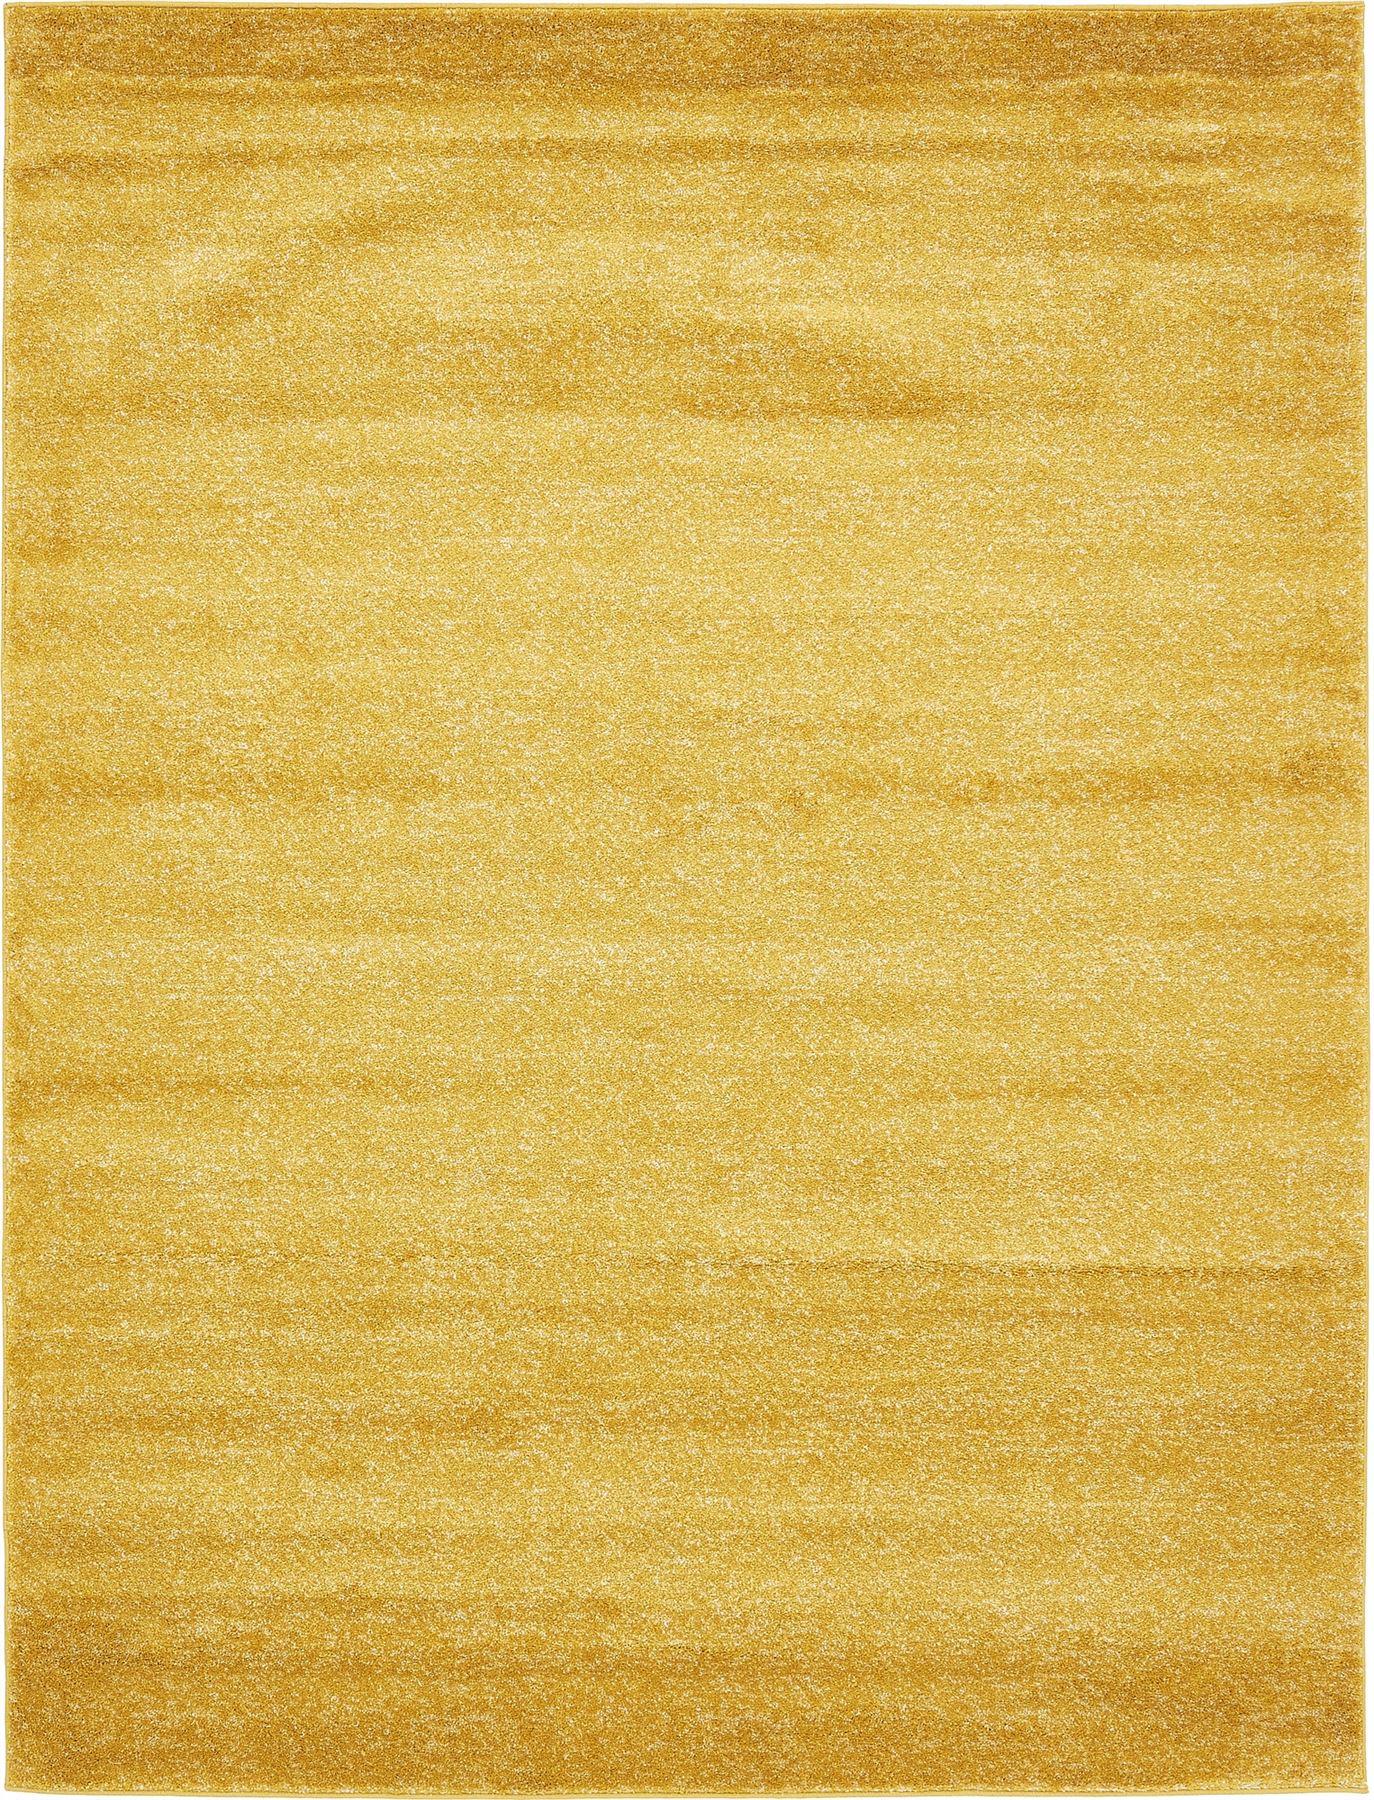 Soft rug plush carpet modern solid area rug floor room for Soft carpet for bedrooms